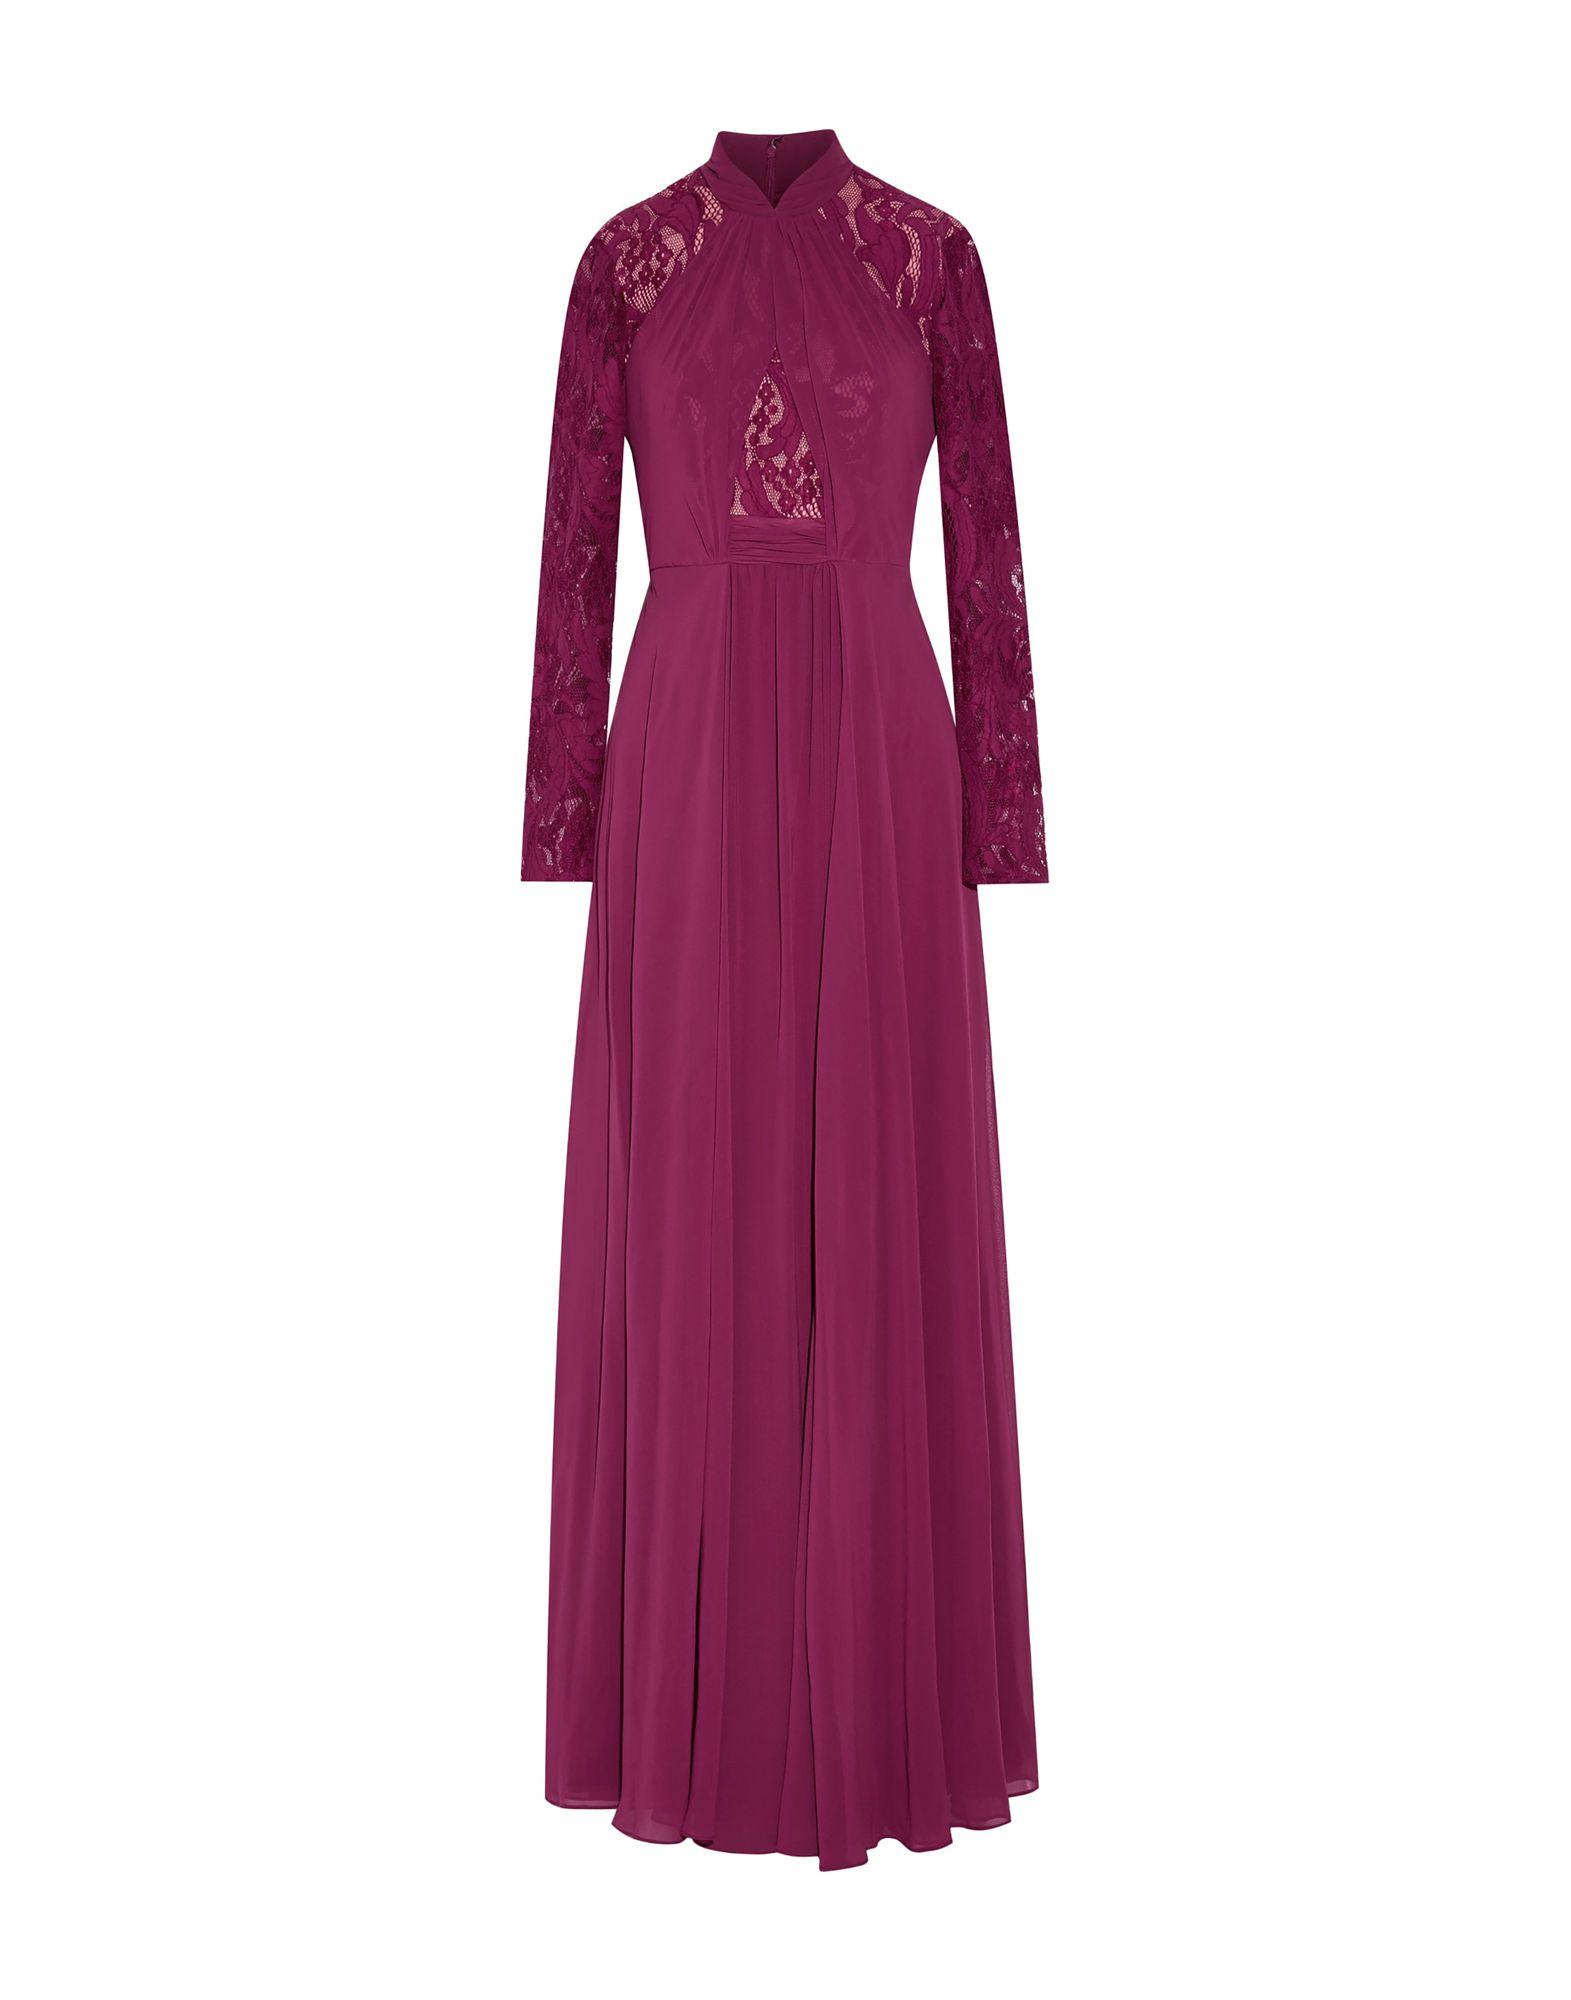 《送料無料》MIKAEL AGHAL レディース ロングワンピース&ドレス ガーネット 4 ポリエステル 100%